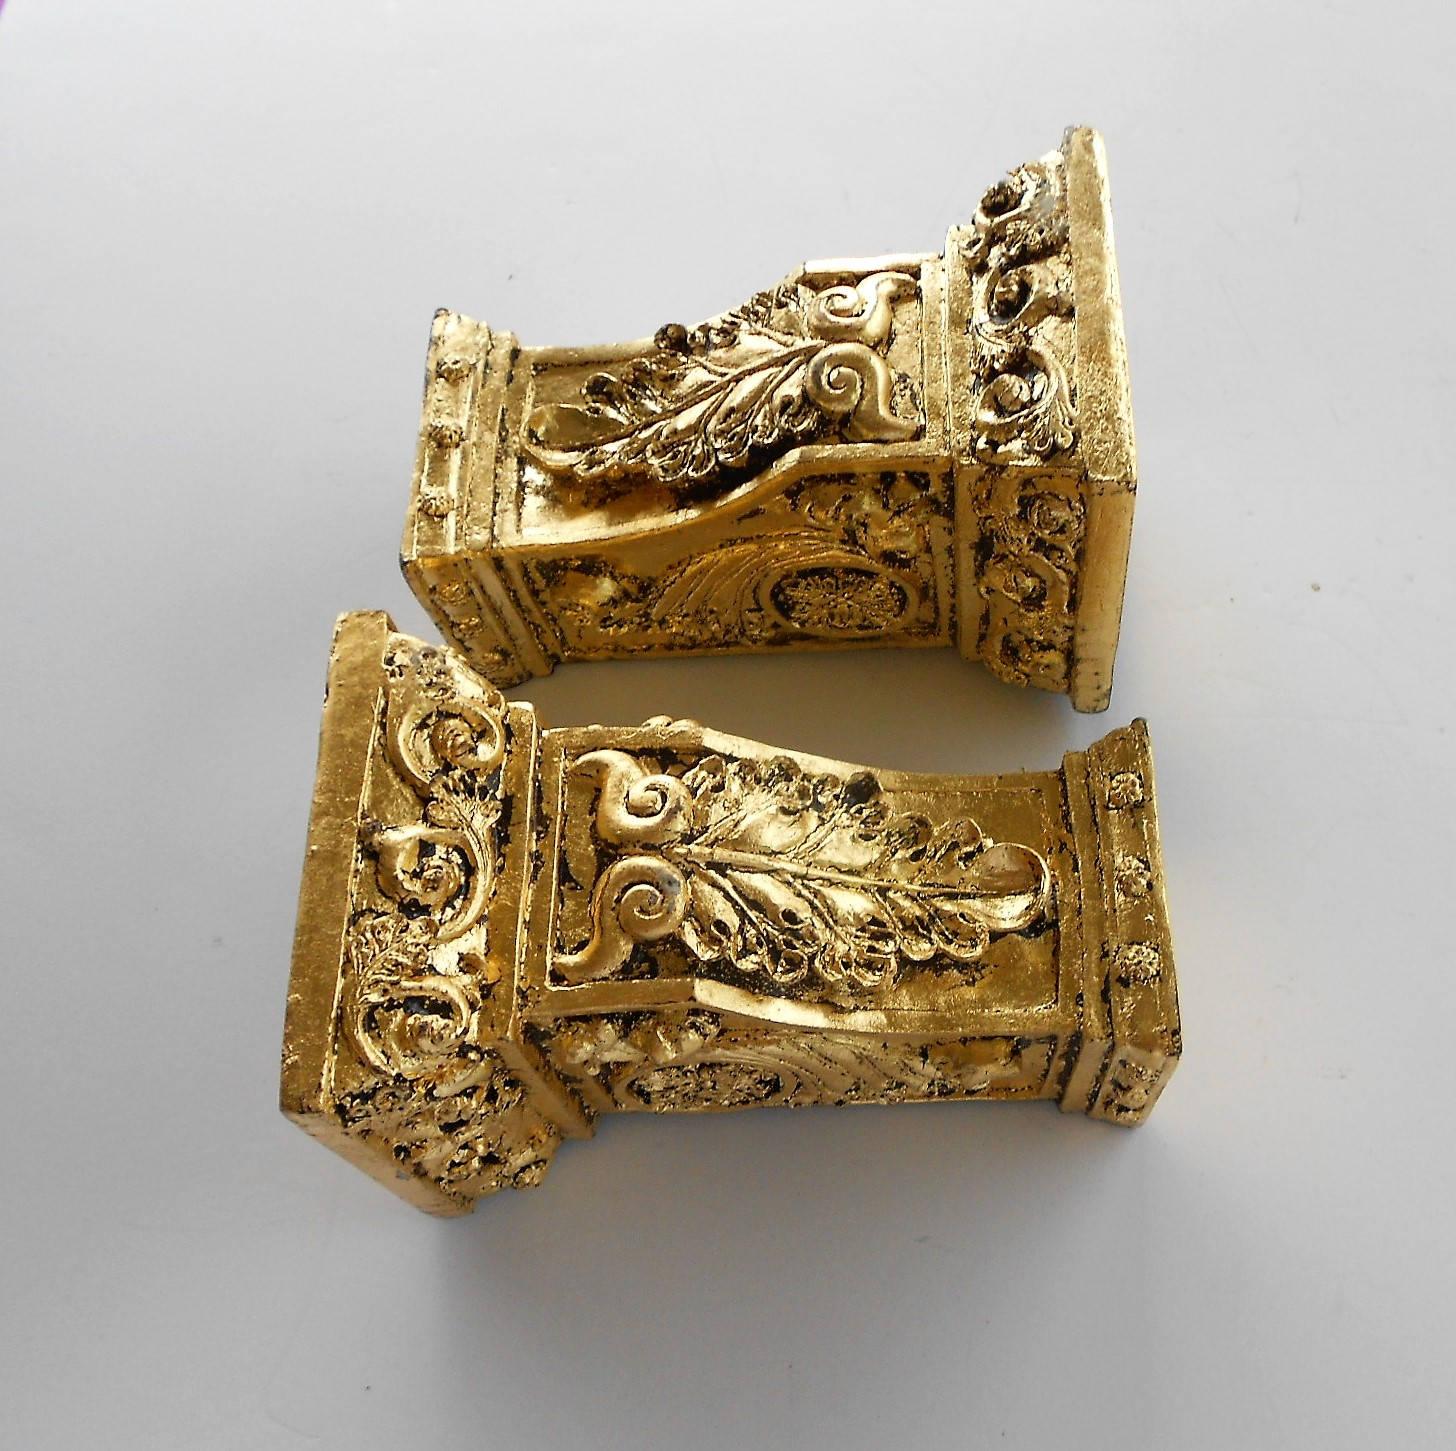 6 5 H Gold Leaf Shelf Sconces Pair of Shelf Sconces Rectangular